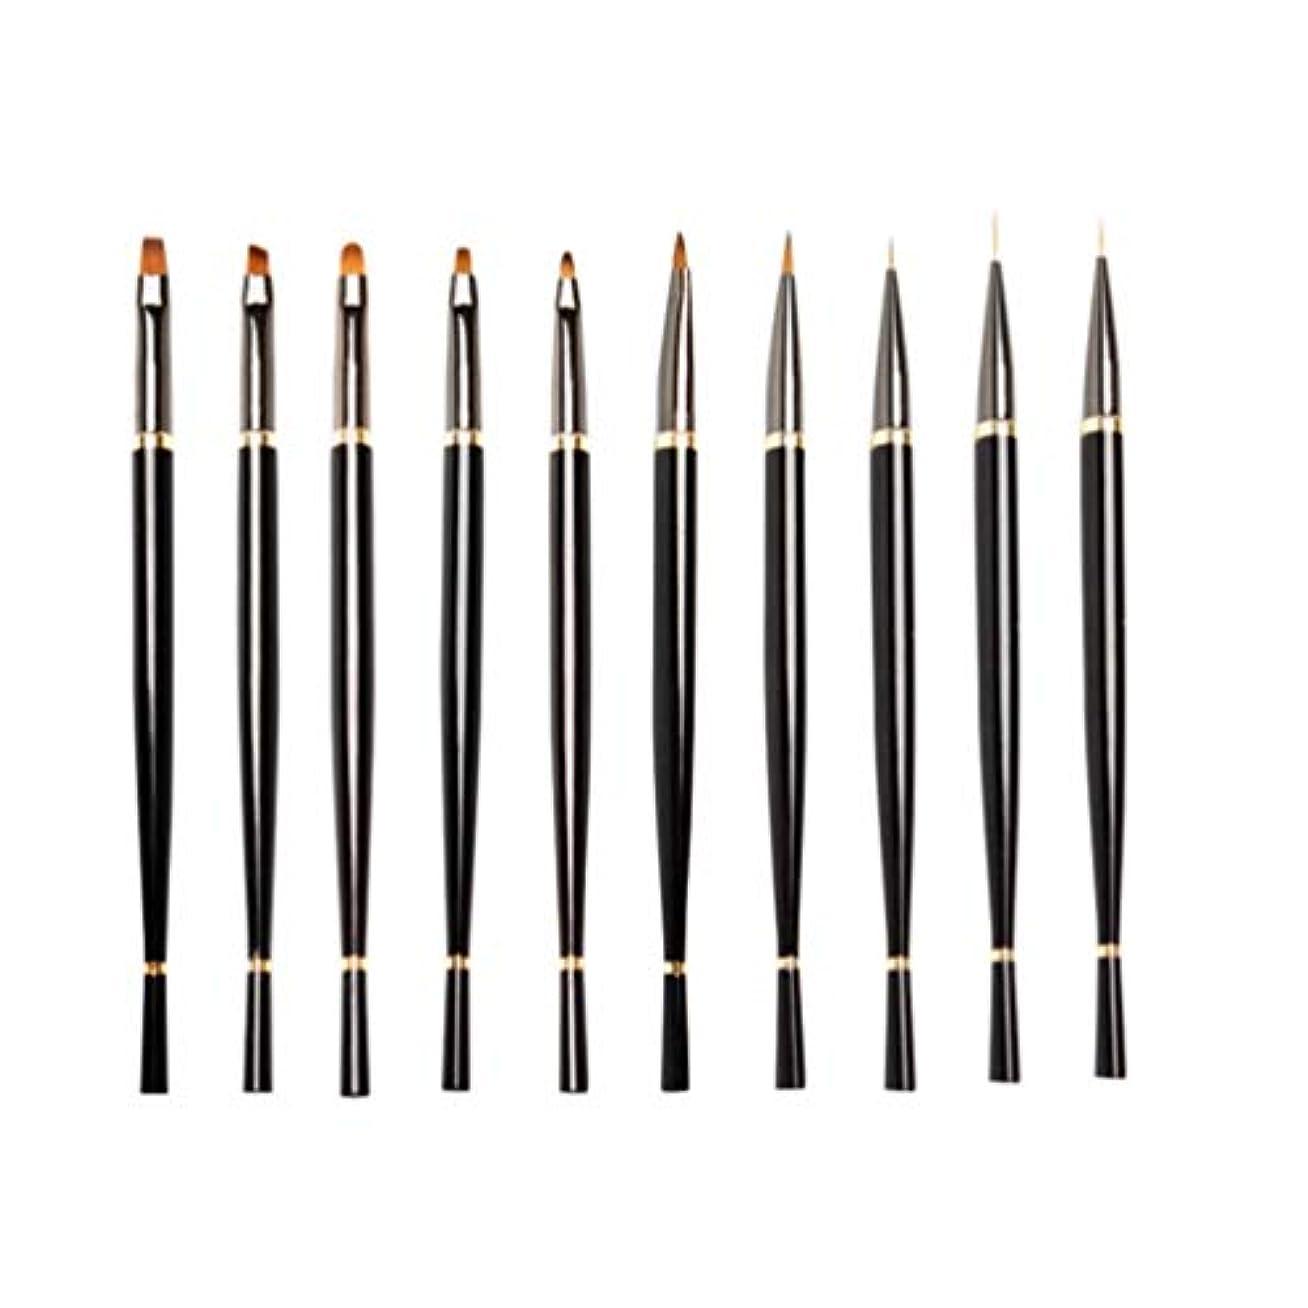 機械士気不純Lurrose 10ピースネイルアートペン実用的な耐久性のあるプロロングハンドル軽量ネイルアートペンネイルペイントツール用女性女の子レディース